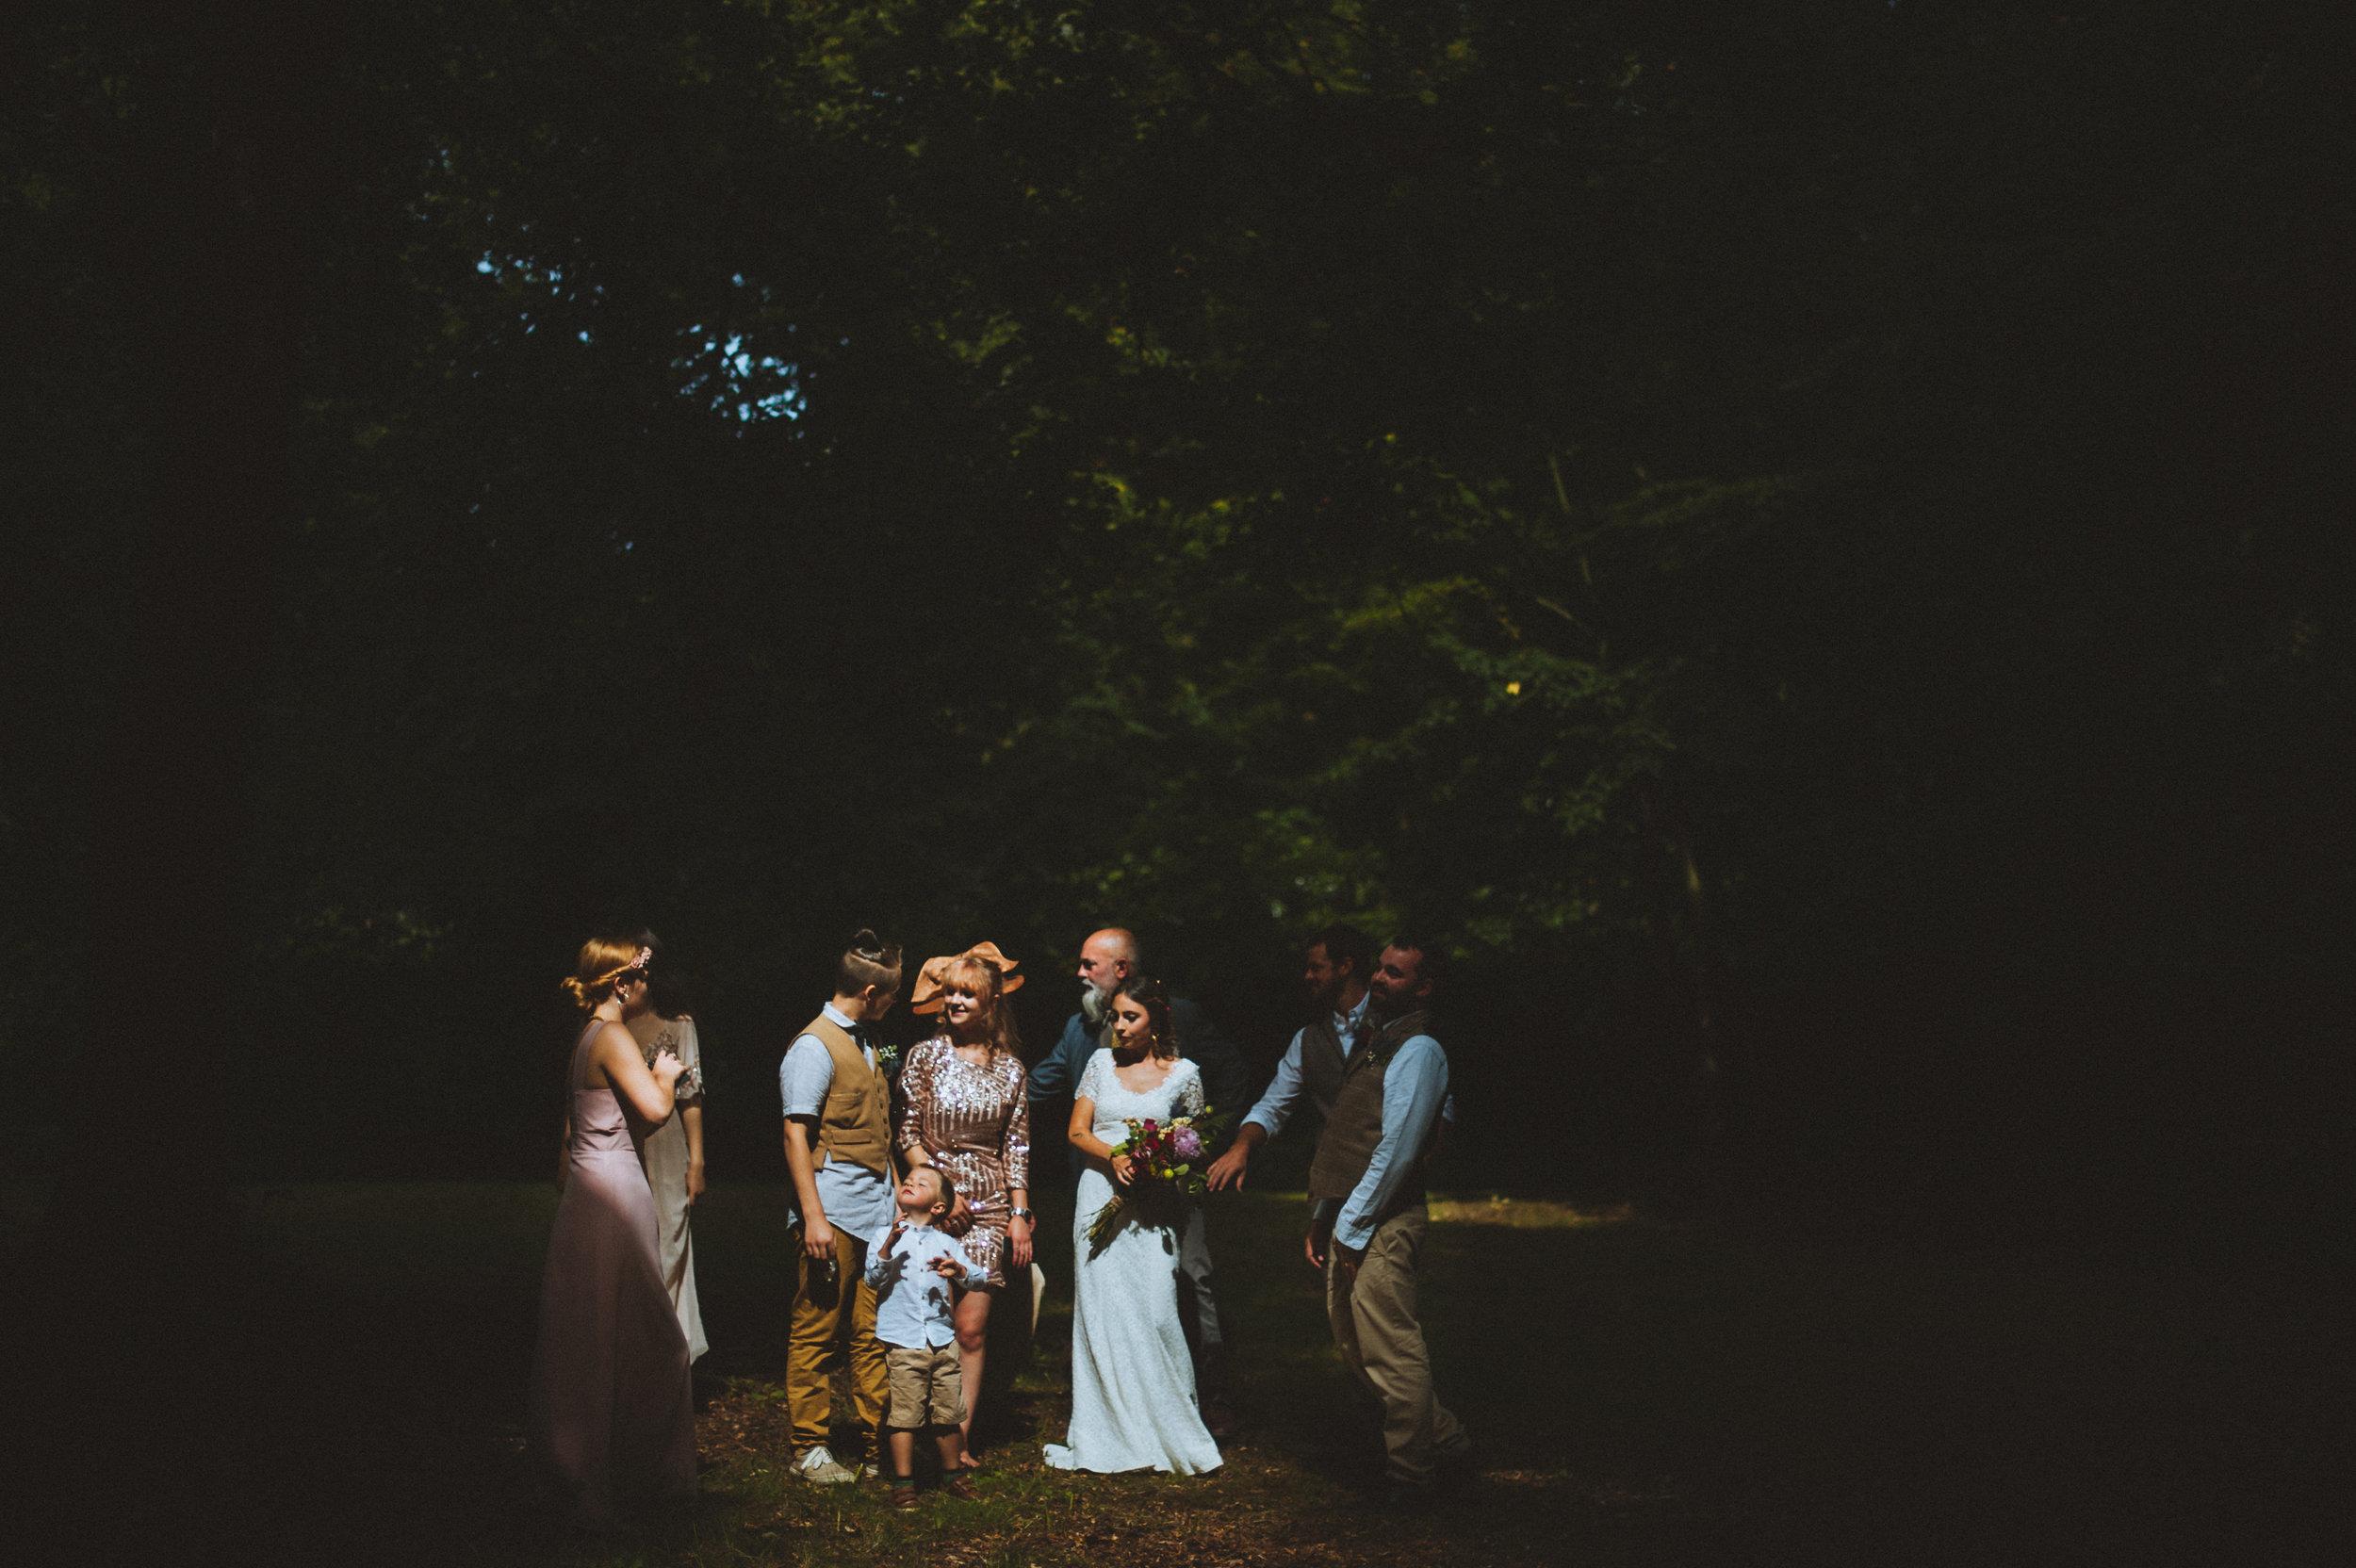 powderham castle wedding 25.jpg